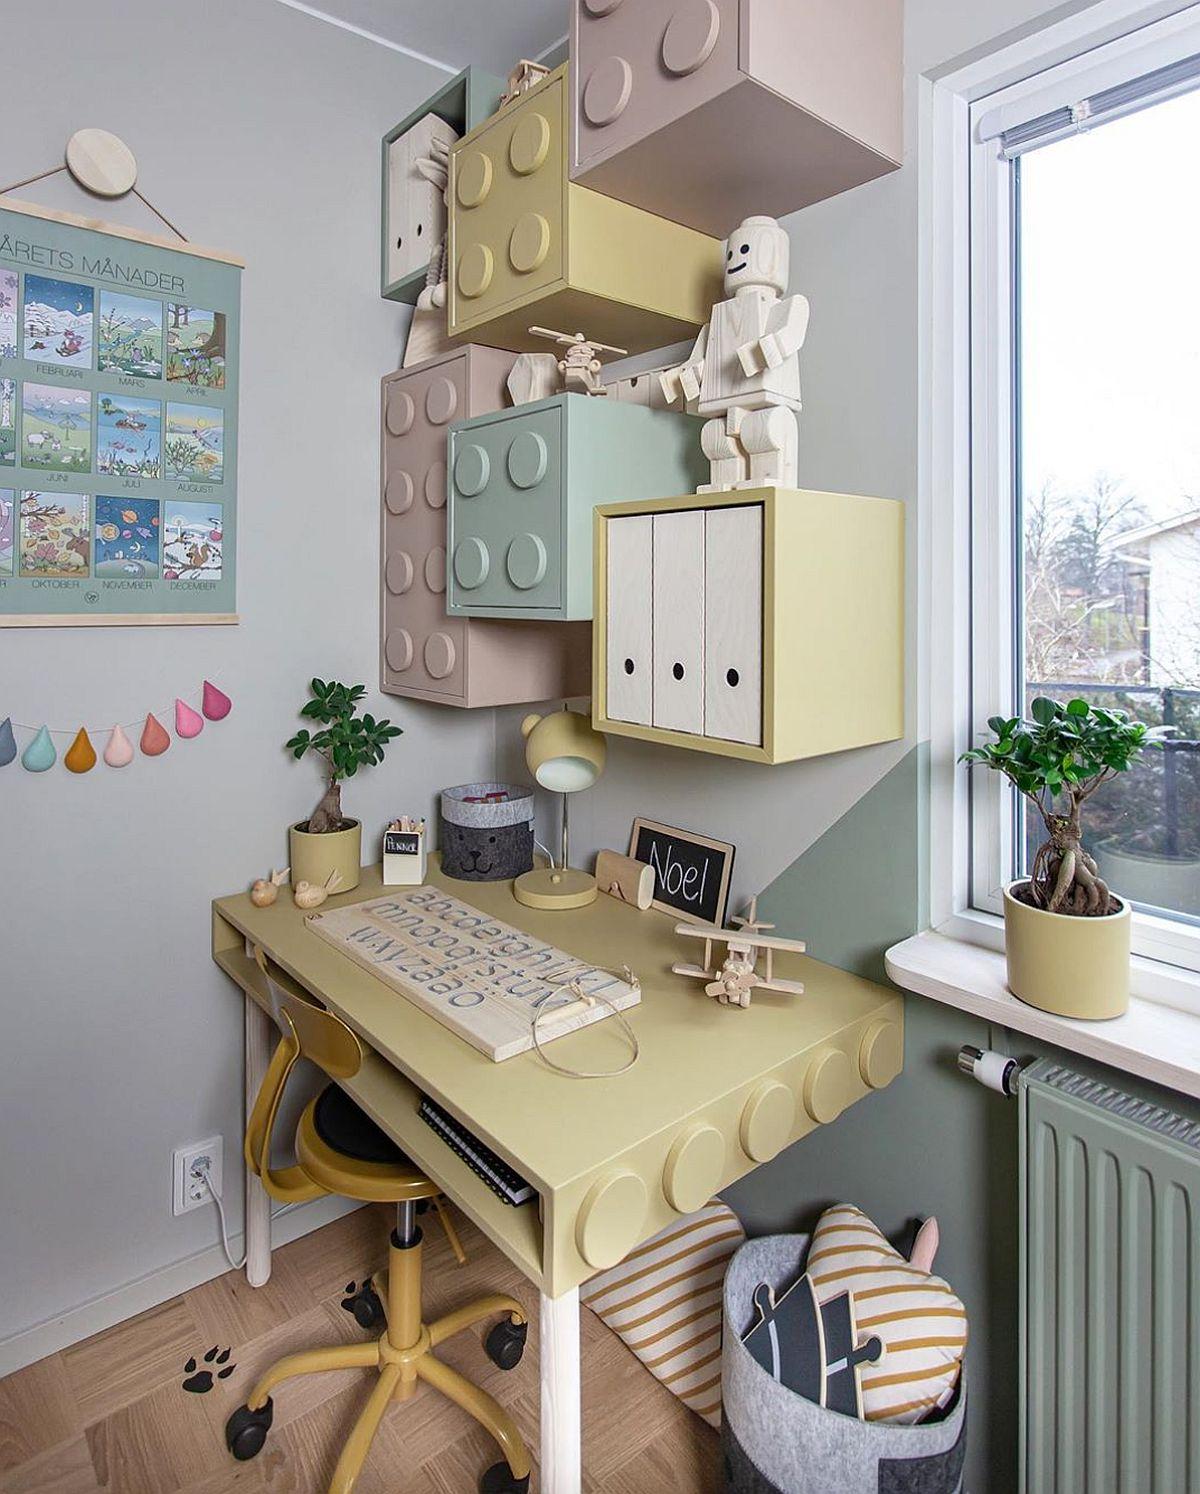 Mobila pentru birou a fost realizată tot de către Cecilia (Cilla) și imită imaginea pieselor LEGO. Deși sunt mai multe culori, tonurile pastelate folosite sunt calme și neagresive.